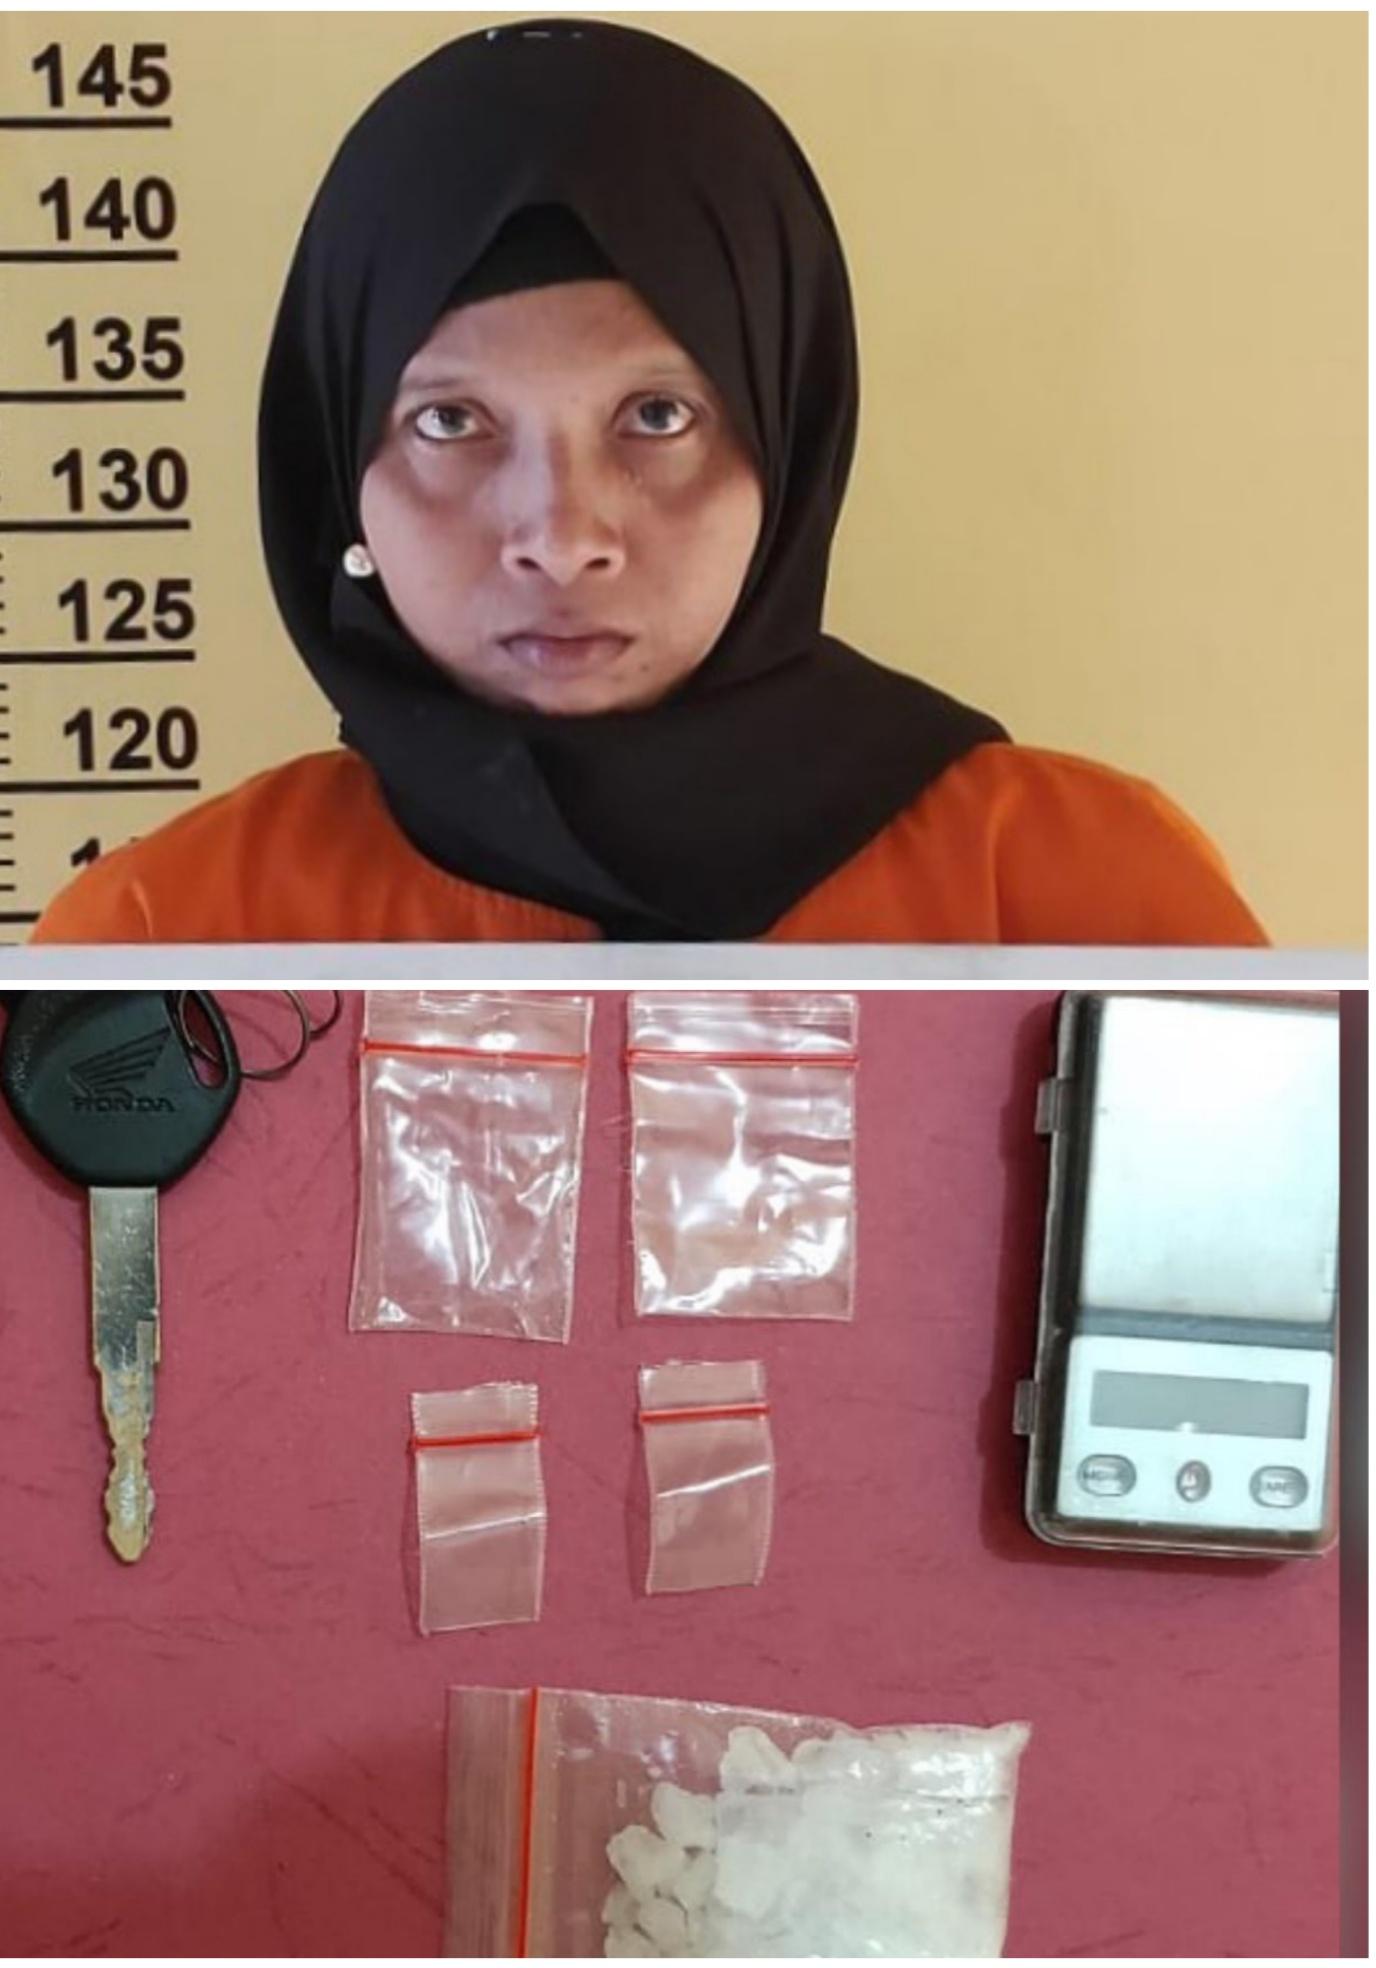 Nekat Jadi Pengedar Sabu, Seorang IRT di Rohil Terpaksa Nginap di Jeruji Besi